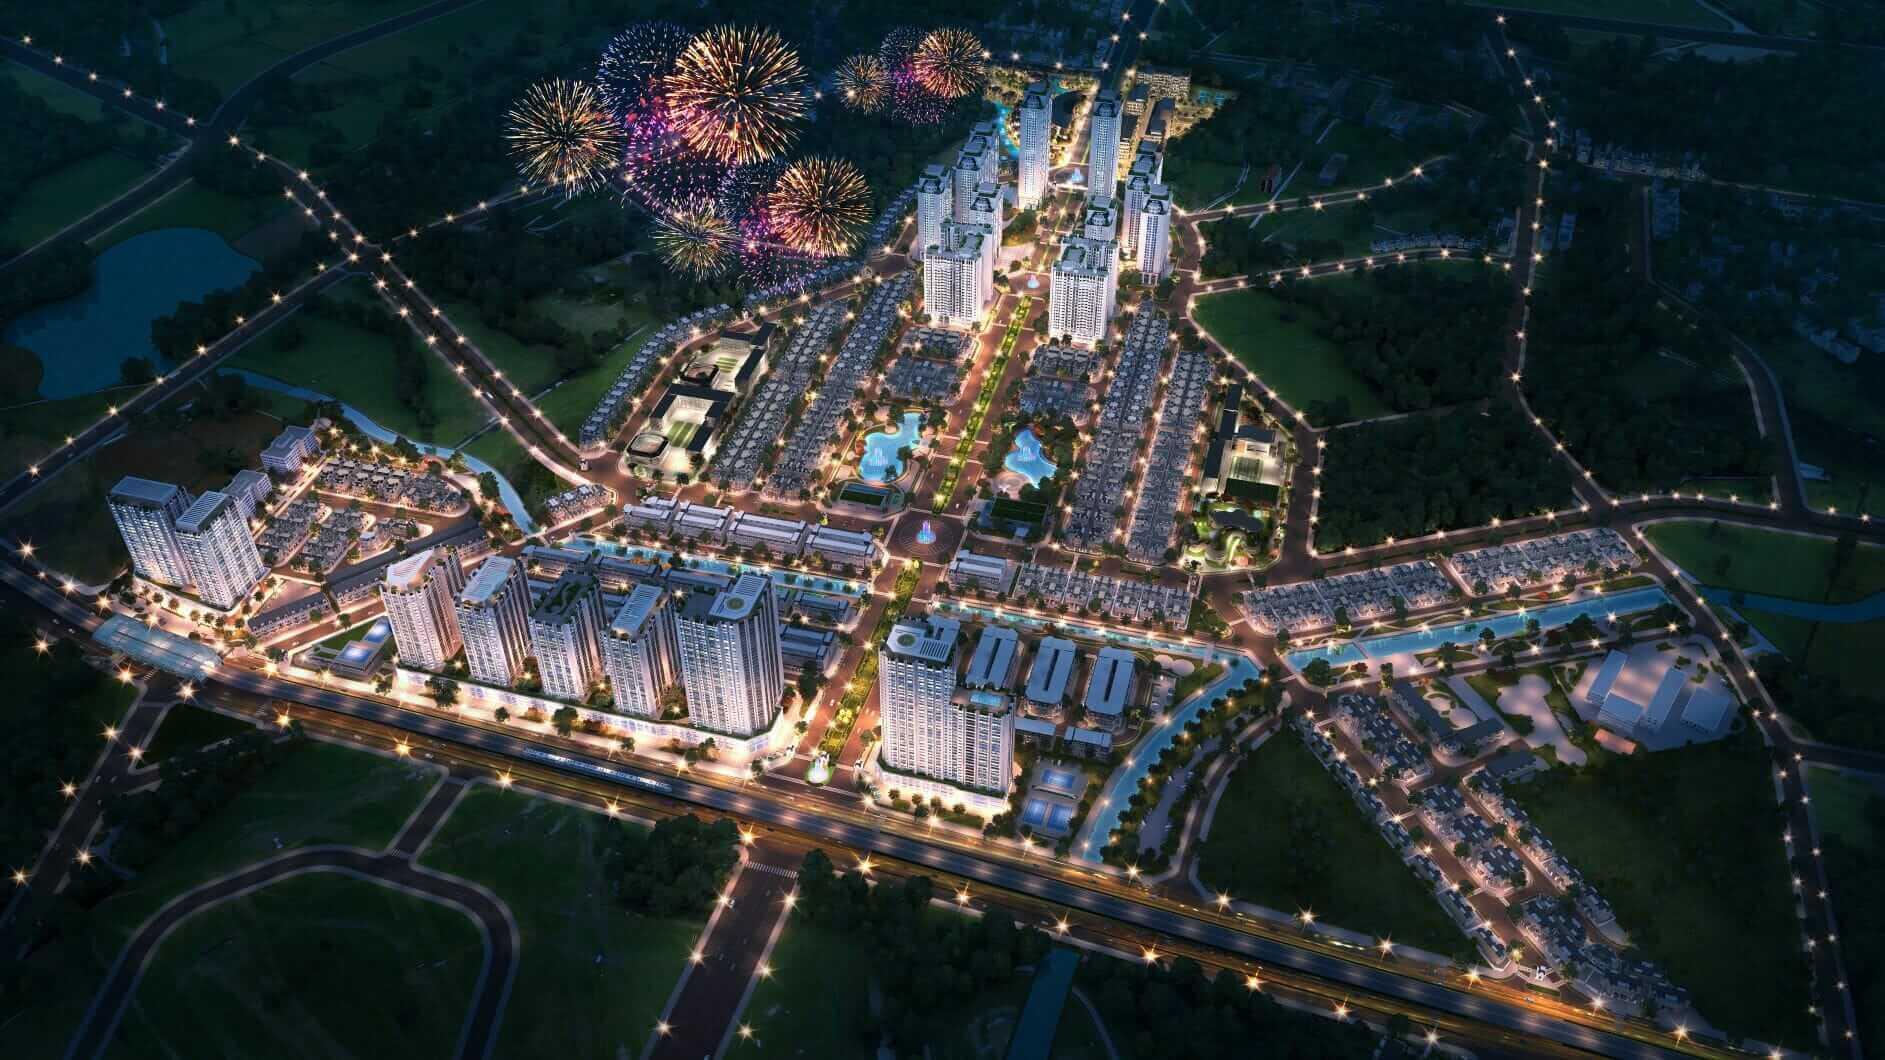 Các đại đô thị đang dẫn dắt xu hướng mua bất động sản tại TP.HCM 1